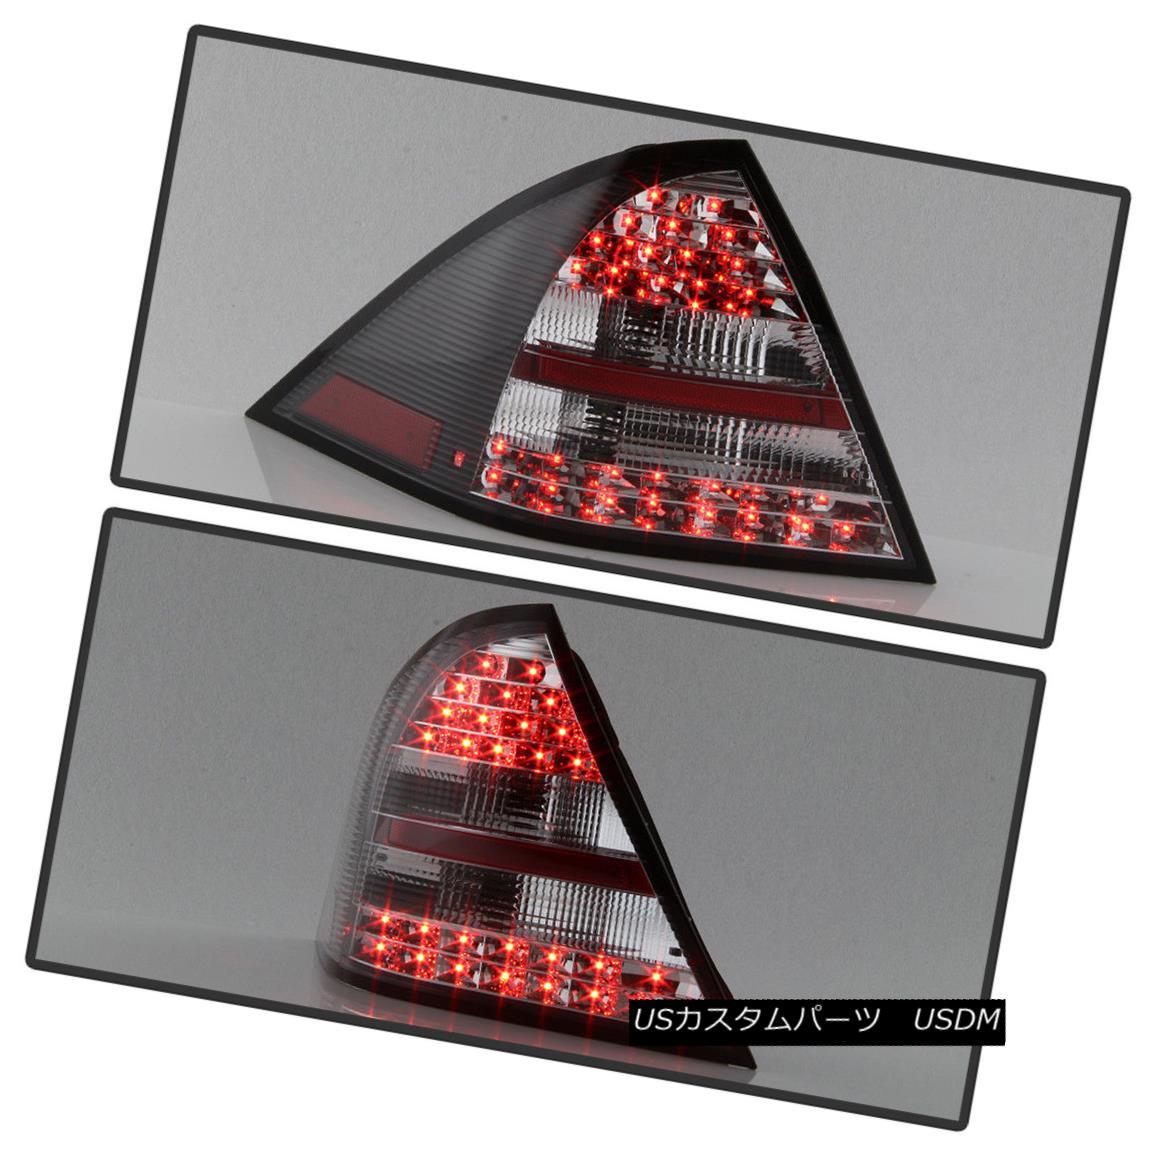 テールライト Black 2001-2004 Mercedes W203 C-Class LED Tail Lights C230/C240/C320/C55/C32 ブラック2001-2004メルセデスW203 CクラスLEDテールライトC230 / C240 / C320 / C55 / C32